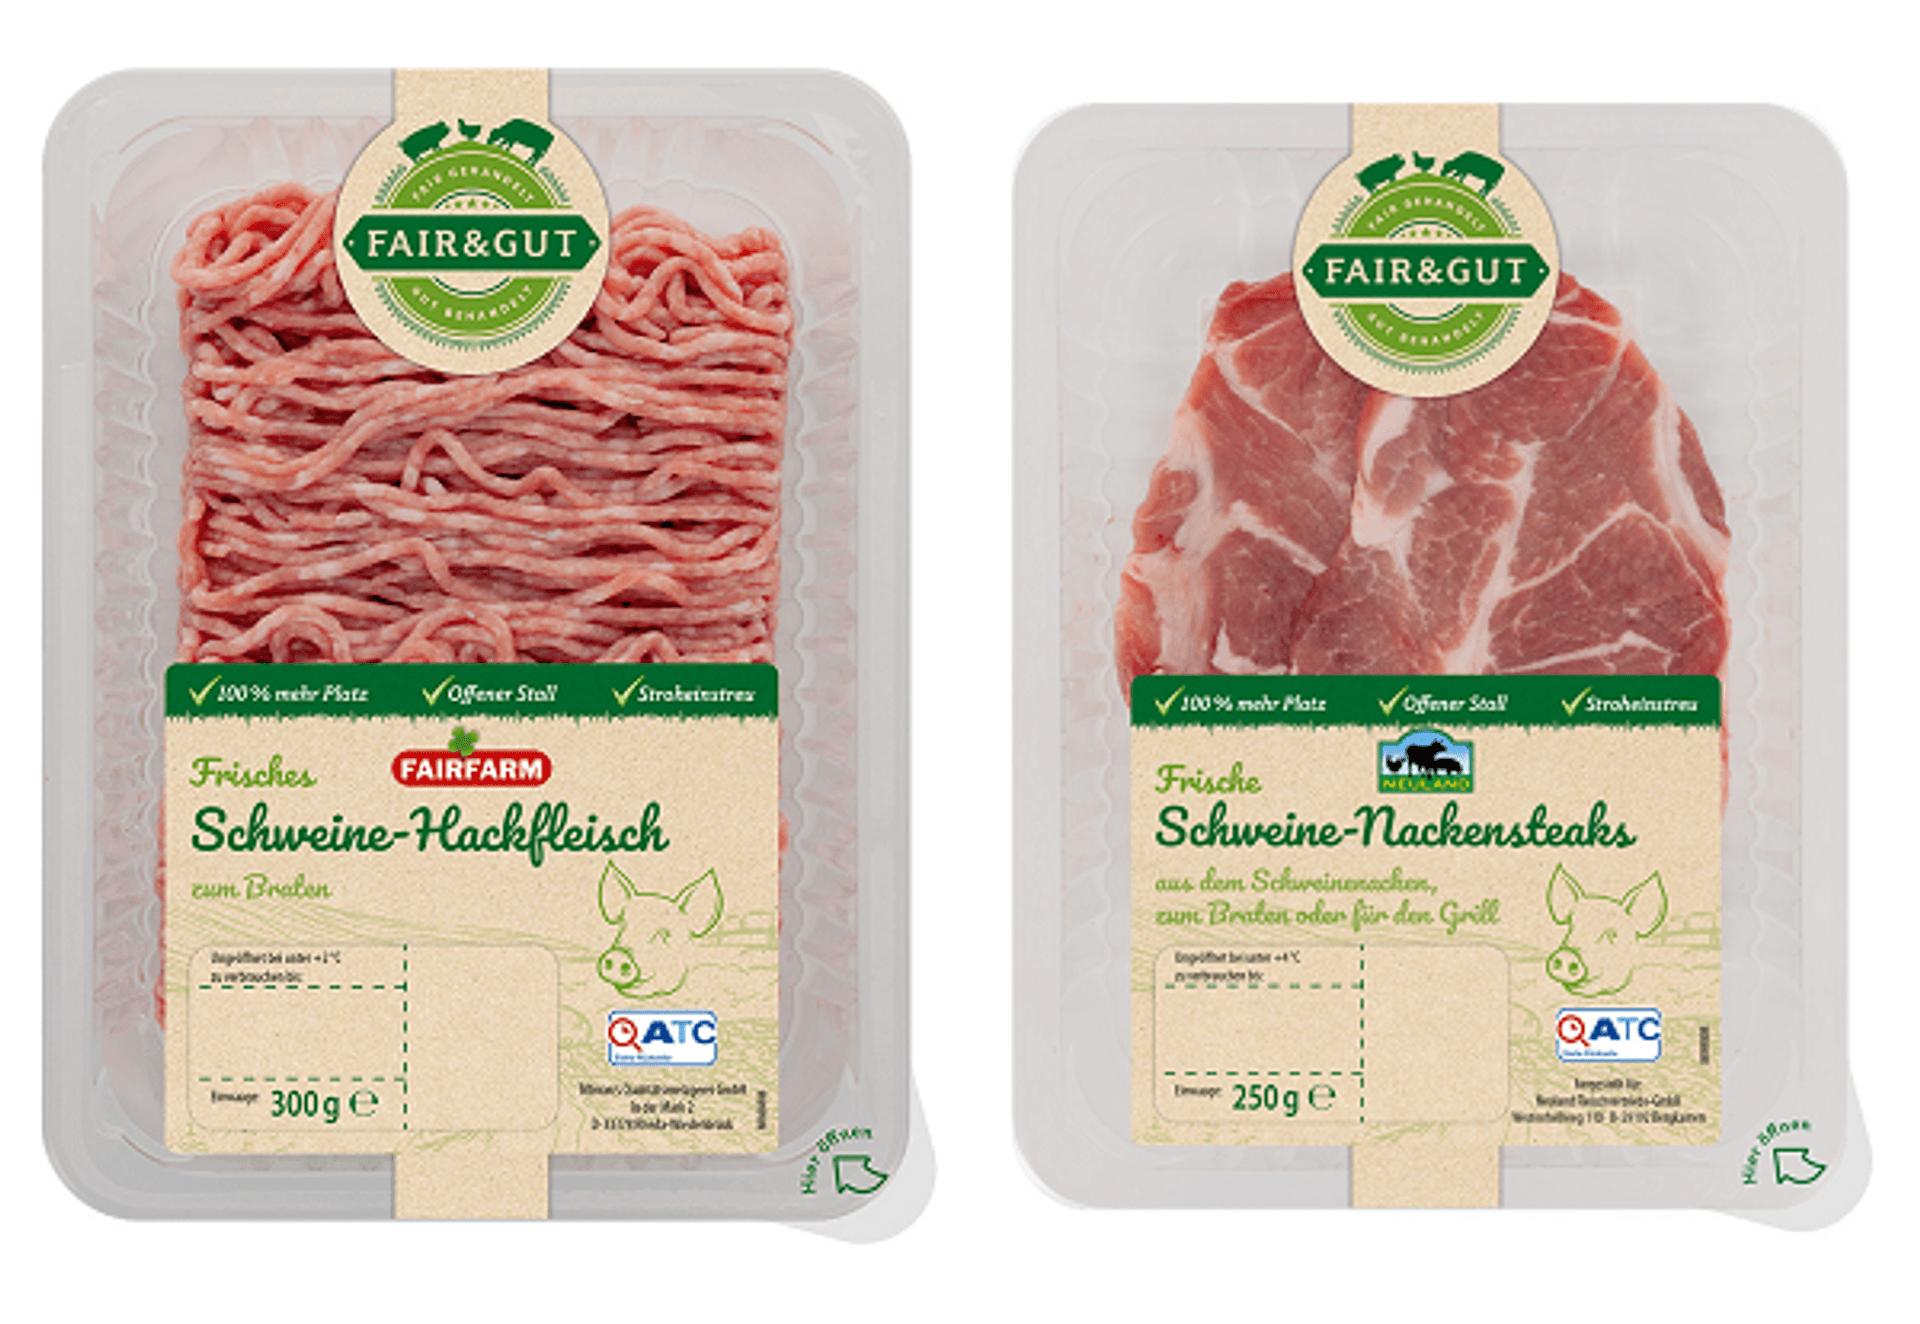 Aldi Fair und Gut Neuland Fairfarm Scheinefleisch c Aldi Sued